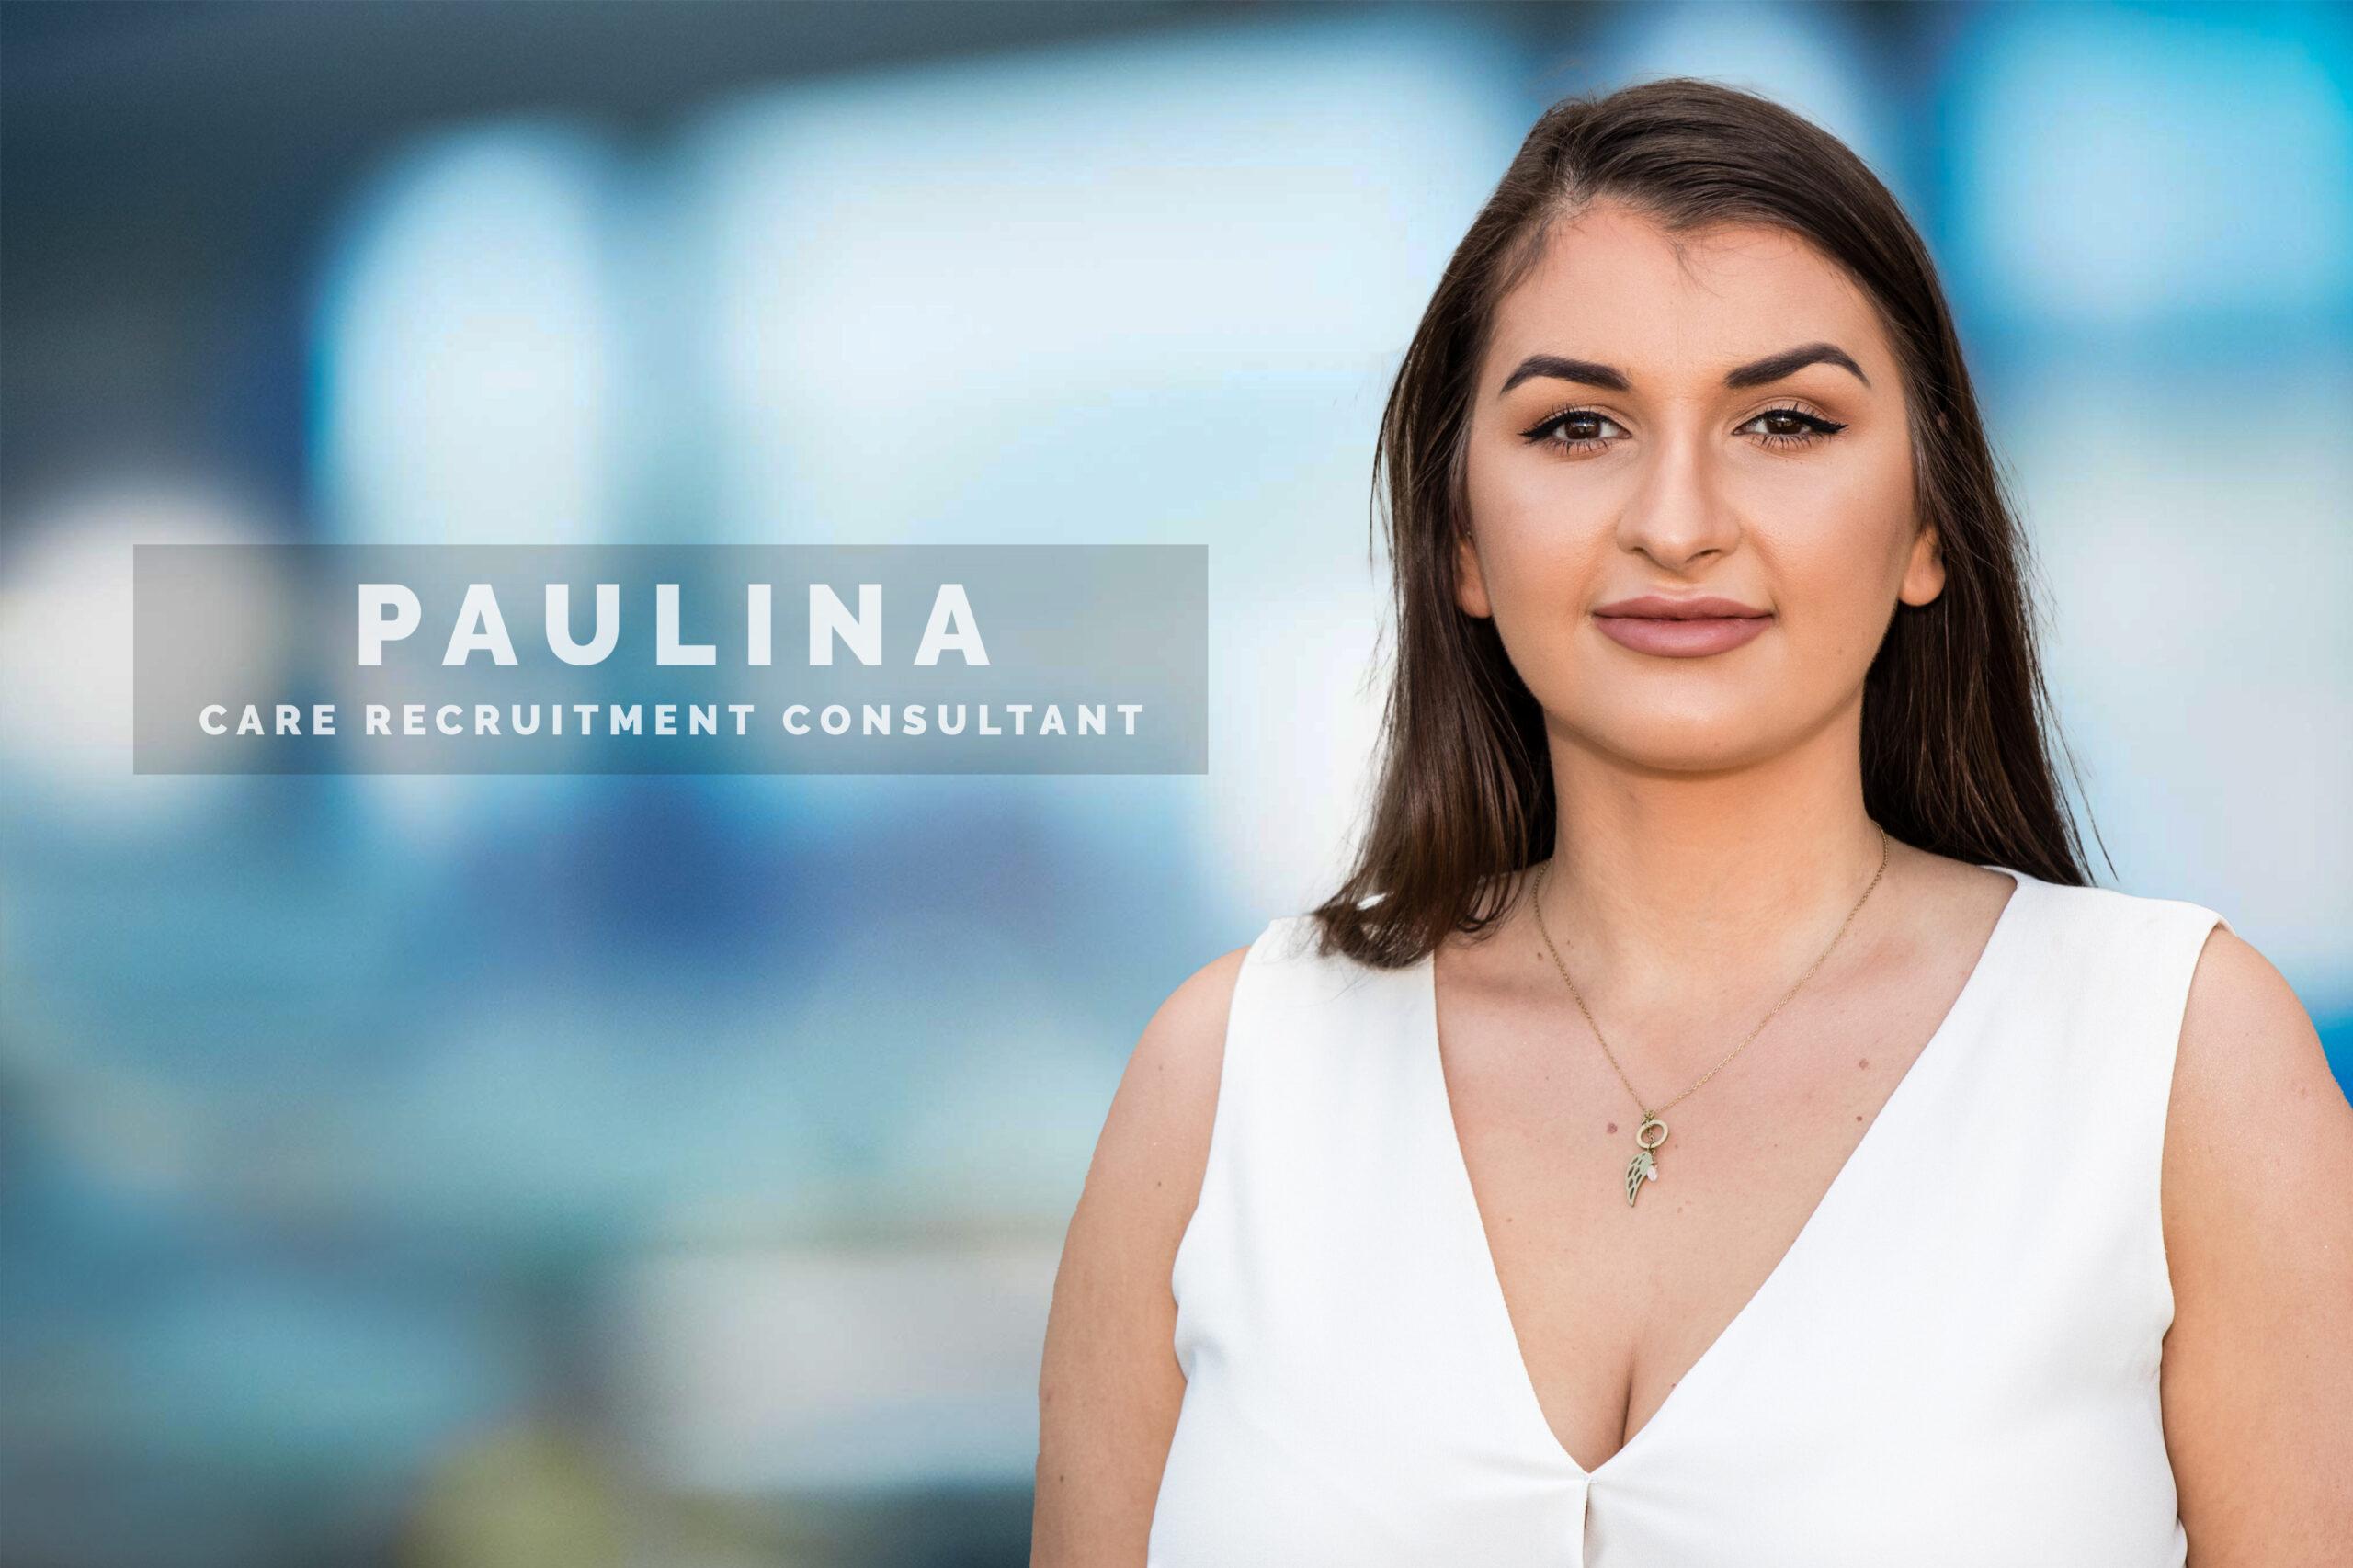 Paulina - Care Recruitment Consultant